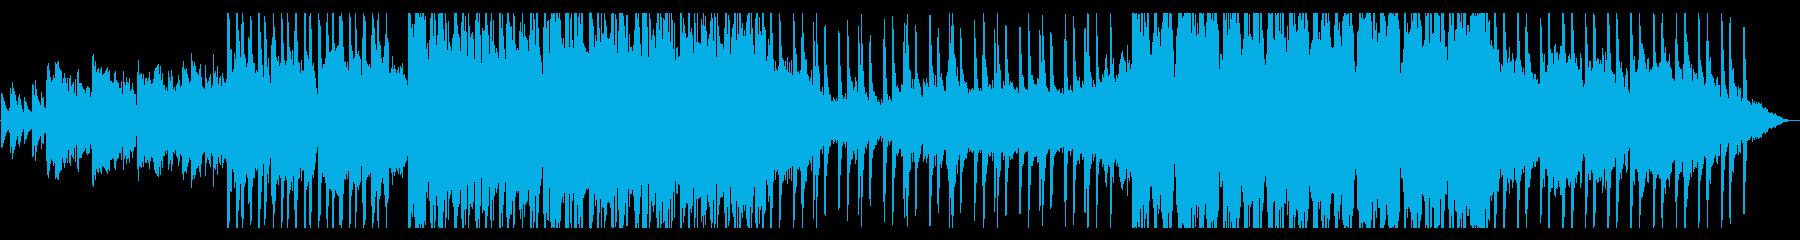 清涼感のあるほんのり和風なストリングス曲の再生済みの波形